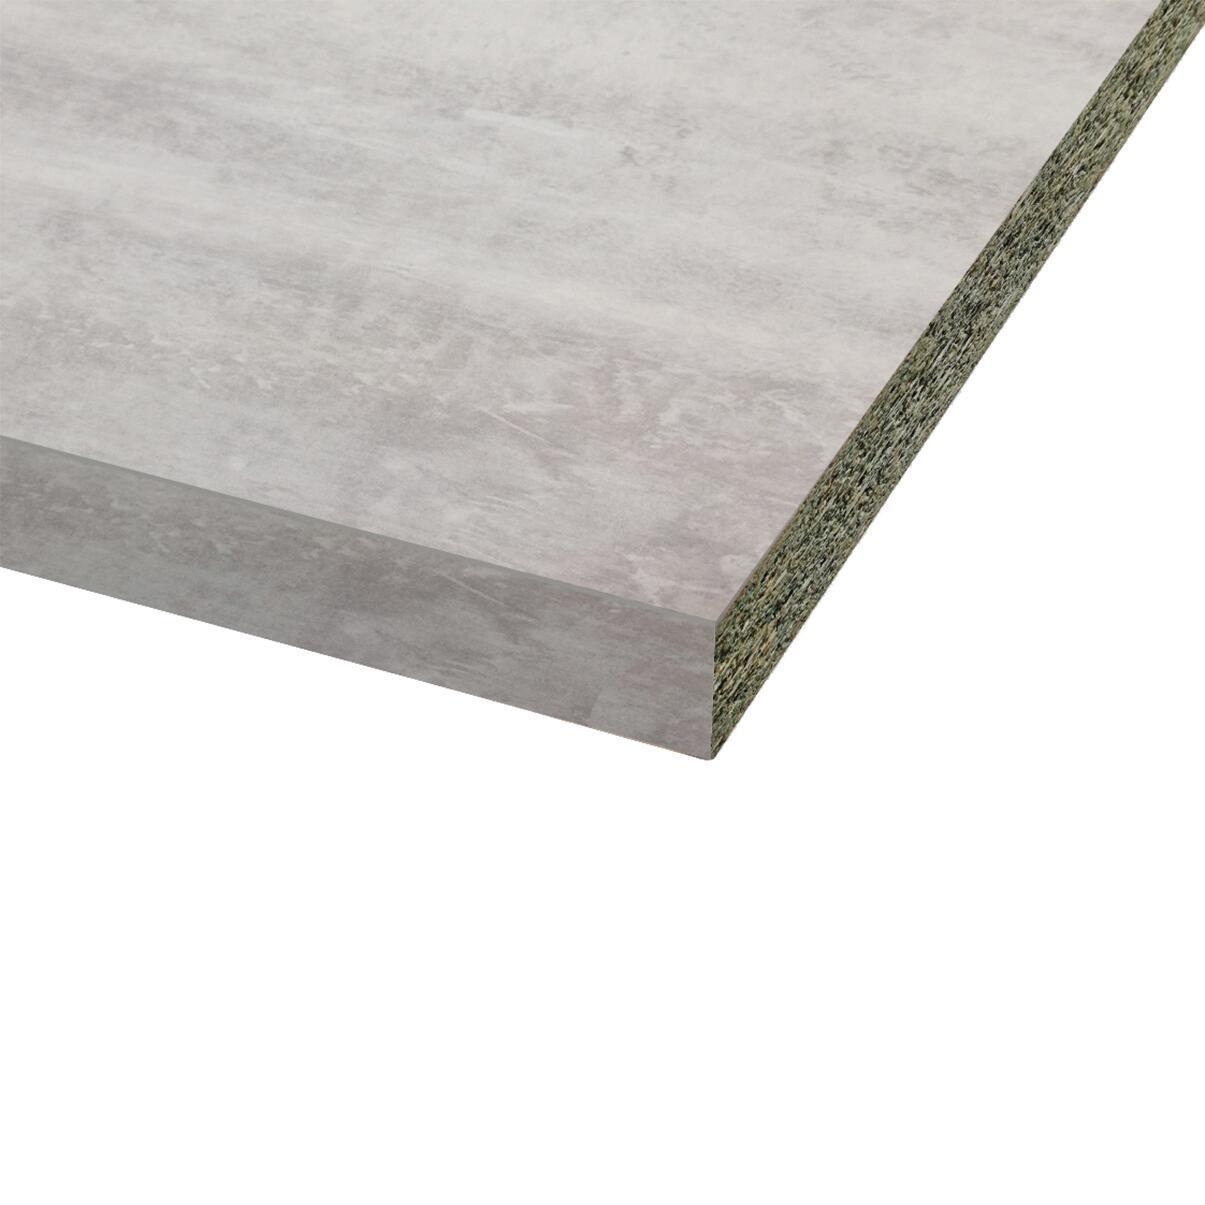 Piano cucina in laminato grigio cemento  L 246 x P 63 cm, spessore 3.8 cm